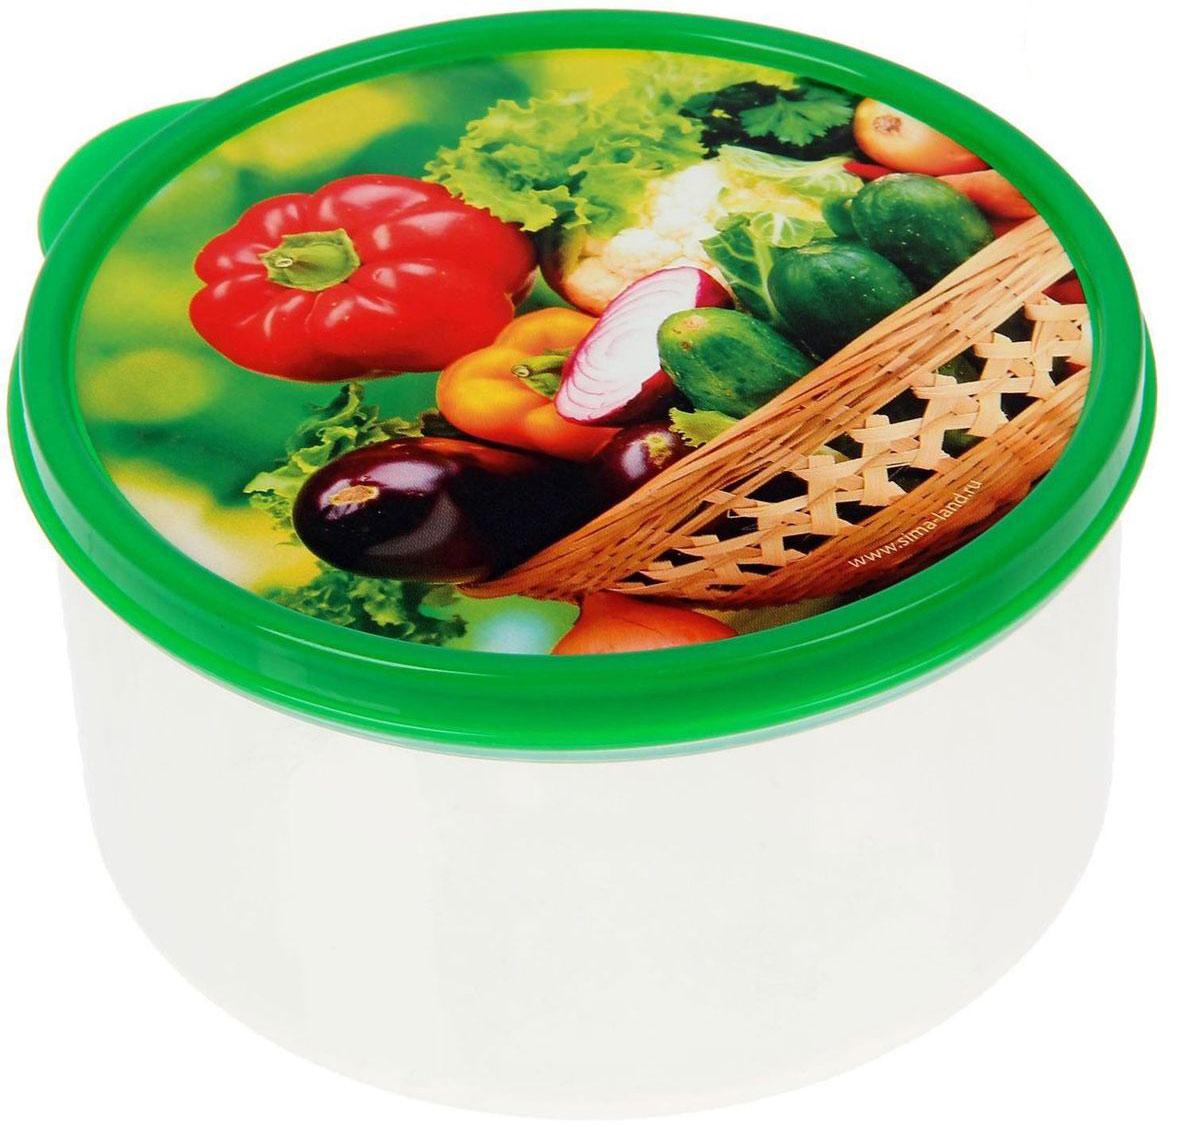 Ланч-бокс Доляна №10, круглый, 500 мл21395599Если после вкусного обеда осталась еда, а насладиться трапезой хочется и на следующий день, ланч-бокс станет отличным решением данной проблемы!Такой контейнер является незаменимым предметом кухонной утвари, ведь у него много преимуществ:Простота ухода. Ланч-бокс достаточно промыть тёплой водой с небольшим количеством чистящего средства, и он снова готов к использованию.Вместительность. Большой выбор форм и объёма поможет разместить разнообразные продукты от сахара до супов.Эргономичность. Ланч-боксы очень легко хранить даже в самой маленькой кухне, так как их можно поставить один в другой по принципу матрёшки.Многофункциональность. Разнообразие цветов и форм делает возможным использование контейнеров не только на кухне, но и в других областях домашнего быта.Любители приготовления обеда на всю семью в большинстве случаев приобретают ланч-боксы наборами, так как это позволяет рассортировать продукты по всевозможным признакам. К тому же контейнеры среднего размера станут незаменимыми помощниками на работе: ведь что может быть приятнее, чем порадовать себя во время обеда прекрасной едой, заботливо сохранённой в контейнере?В качестве материала для изготовления используется пластик, что делает процесс ухода за контейнером ещё более эффективным. К каждому ланч-боксу в комплекте также прилагается крышка подходящего размера, это позволяет плотно и надёжно удерживать запах еды и упрощает процесс транспортировки.Однако рекомендуется соблюдать и меры предосторожности: не использовать пластиковые контейнеры в духовых шкафах и на открытом огне, а также не разогревать в микроволновых печах при закрытой крышке ланч-бокса. Соблюдение мер безопасности позволит продлить срок эксплуатации и сохранить отличный внешний вид изделия.Эргономичный дизайн и многофункциональность таких контейнеров — вот, что является причиной большой популярности данного предмета у каждой хозяйки. А в преддверии лета и дачного сезона такое приобретение позволит подн